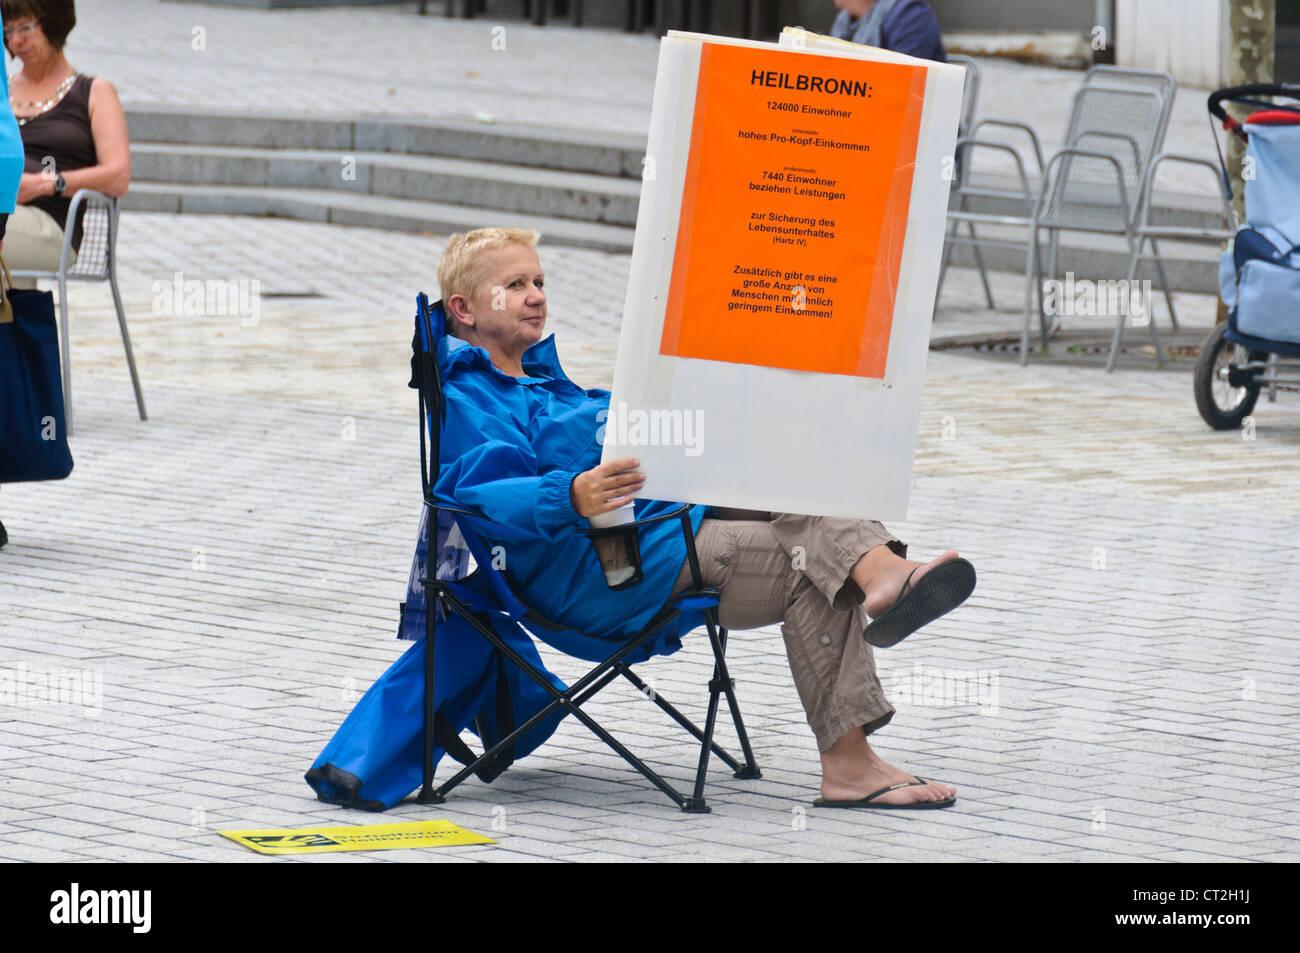 Heilbronn Germany, Female Demonstrator protest for social issues - Stock Image